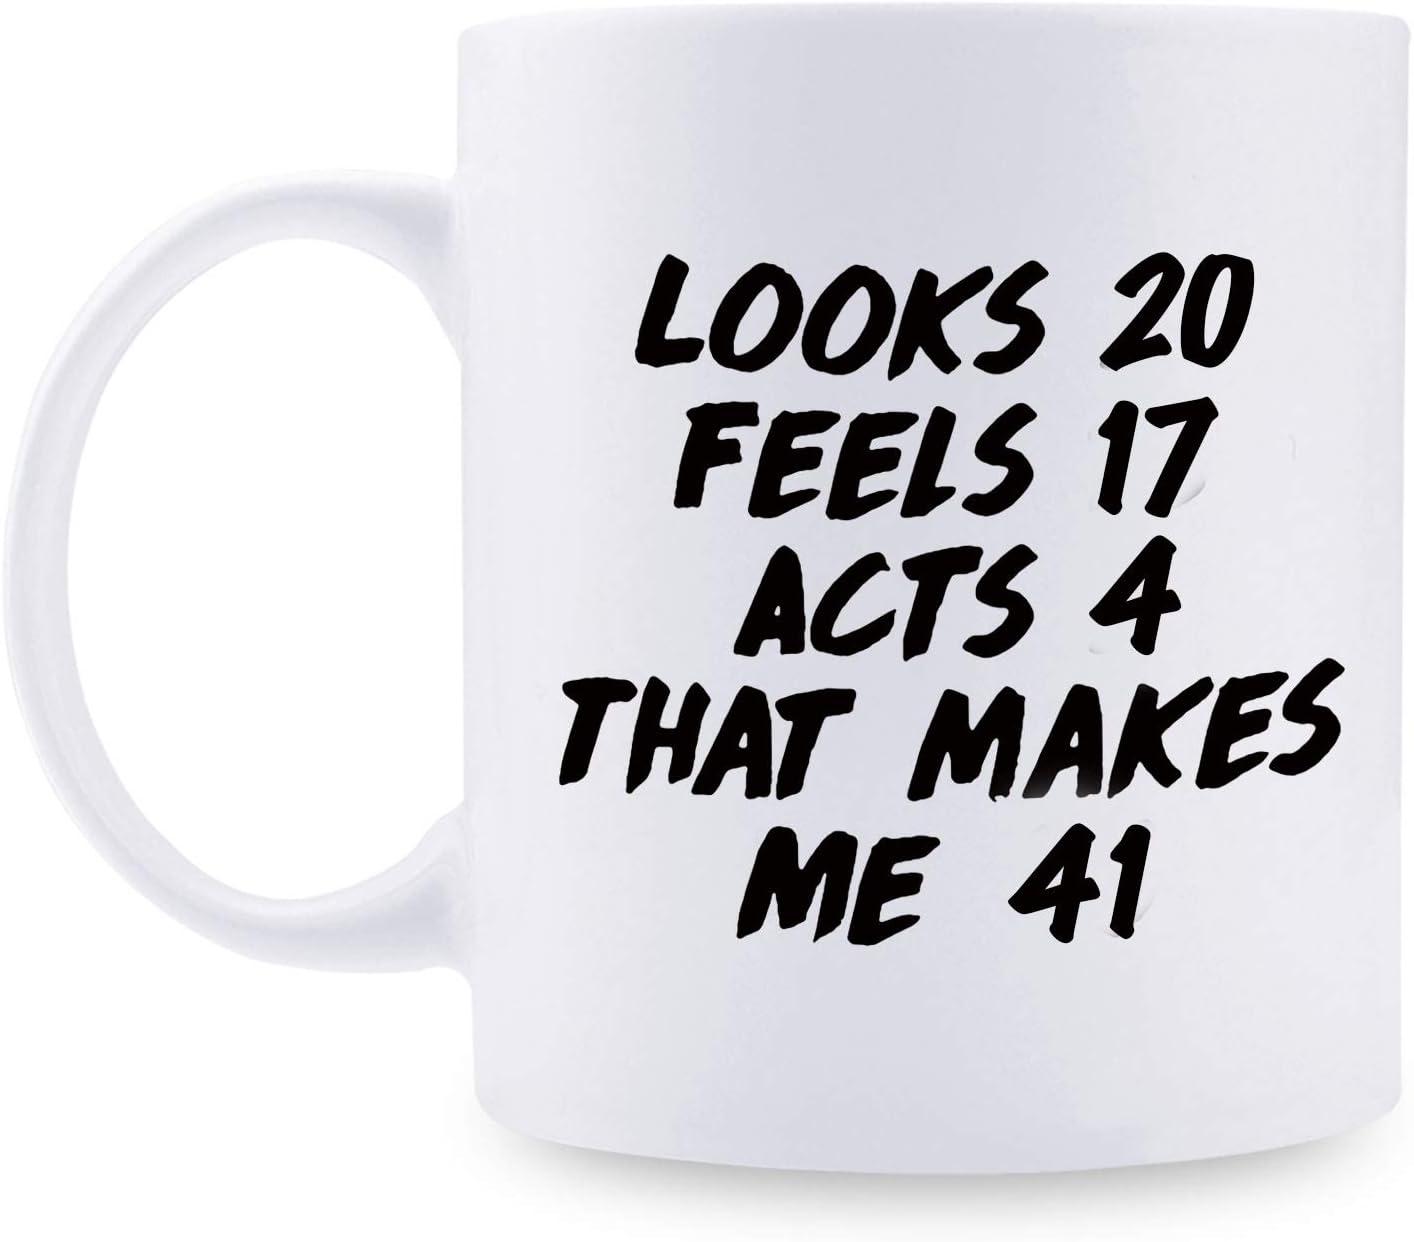 Regalo de 41 cumpleaños para hombres – 1978 regalos de cumpleaños para hombres, 41 años de edad, regalos de cumpleaños para papá, marido, amigo, hermano, él, colega, compañero de trabajo – 11 oz